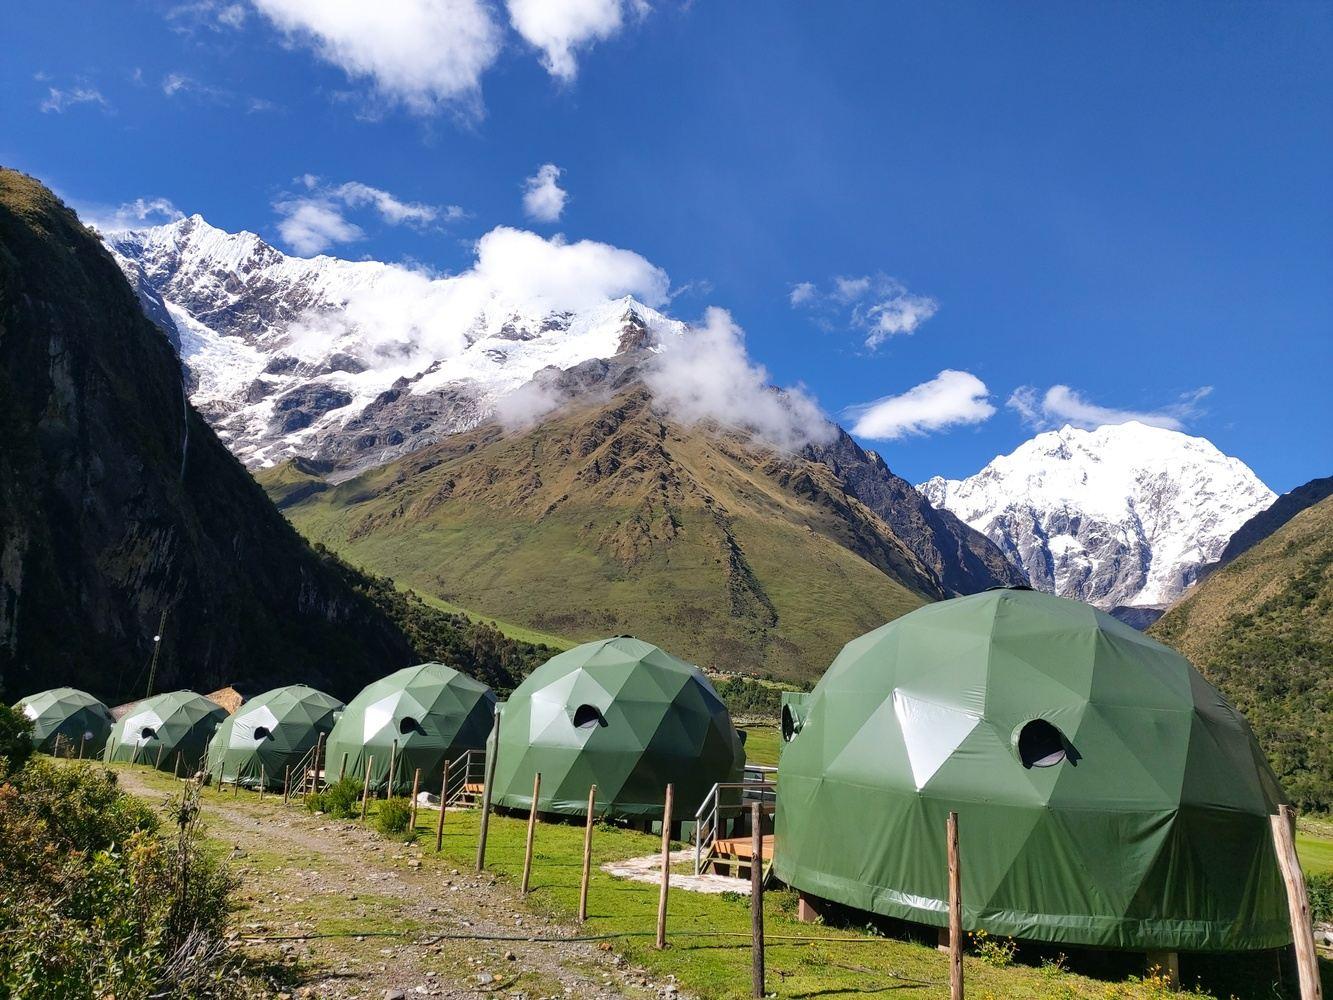 Salkantay Trek & Humantay Lake by Glamping in Domes 2 days